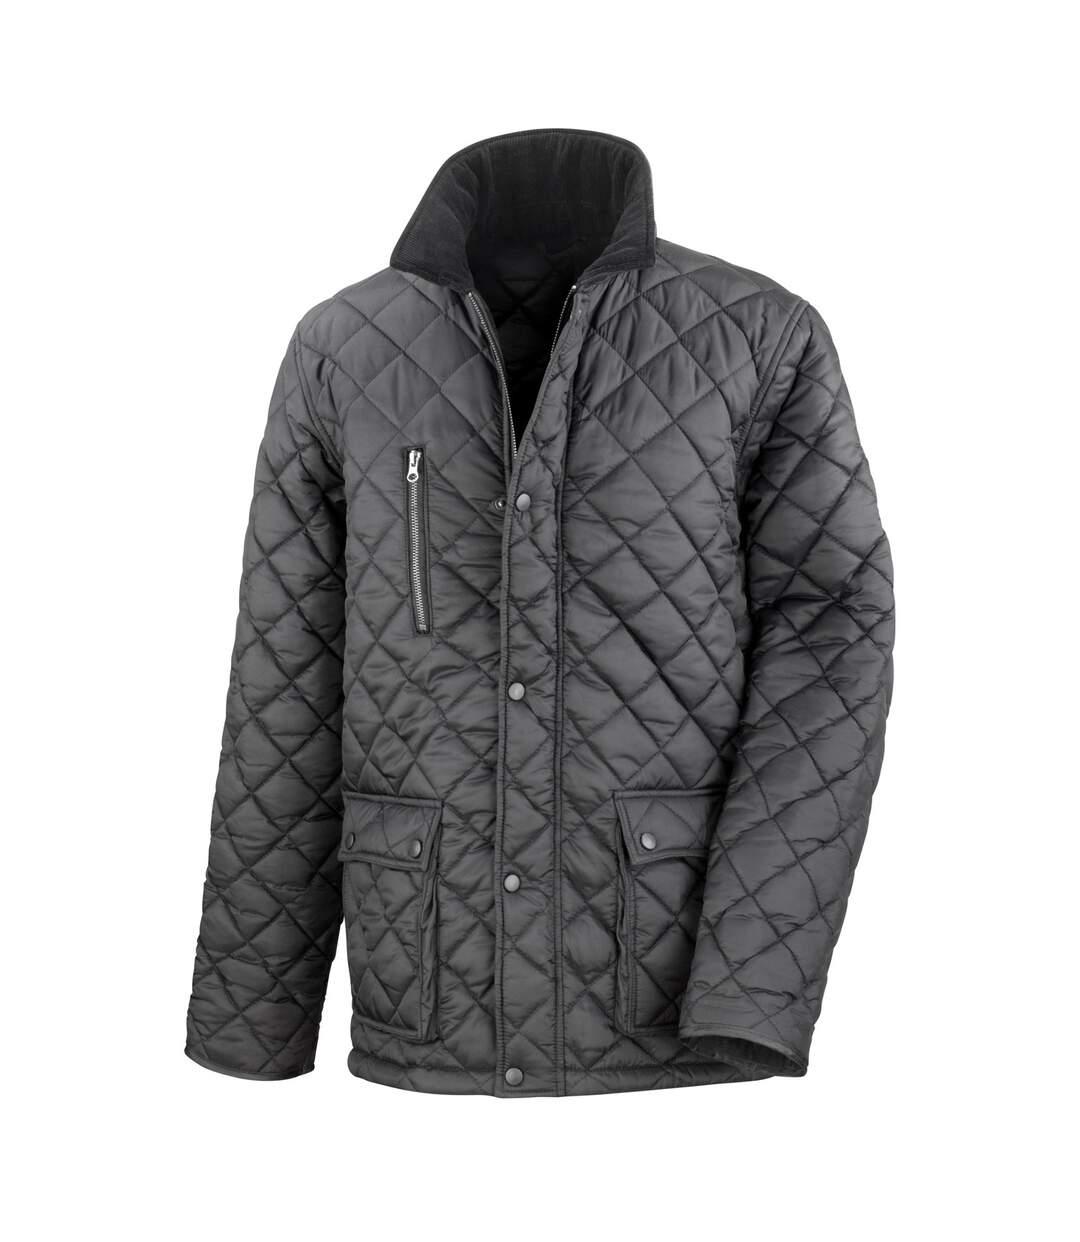 Result Mens Cheltenham Gold Fleece Lined Jacket (Water Repellent & Windproof) (Black) - UTBC2049